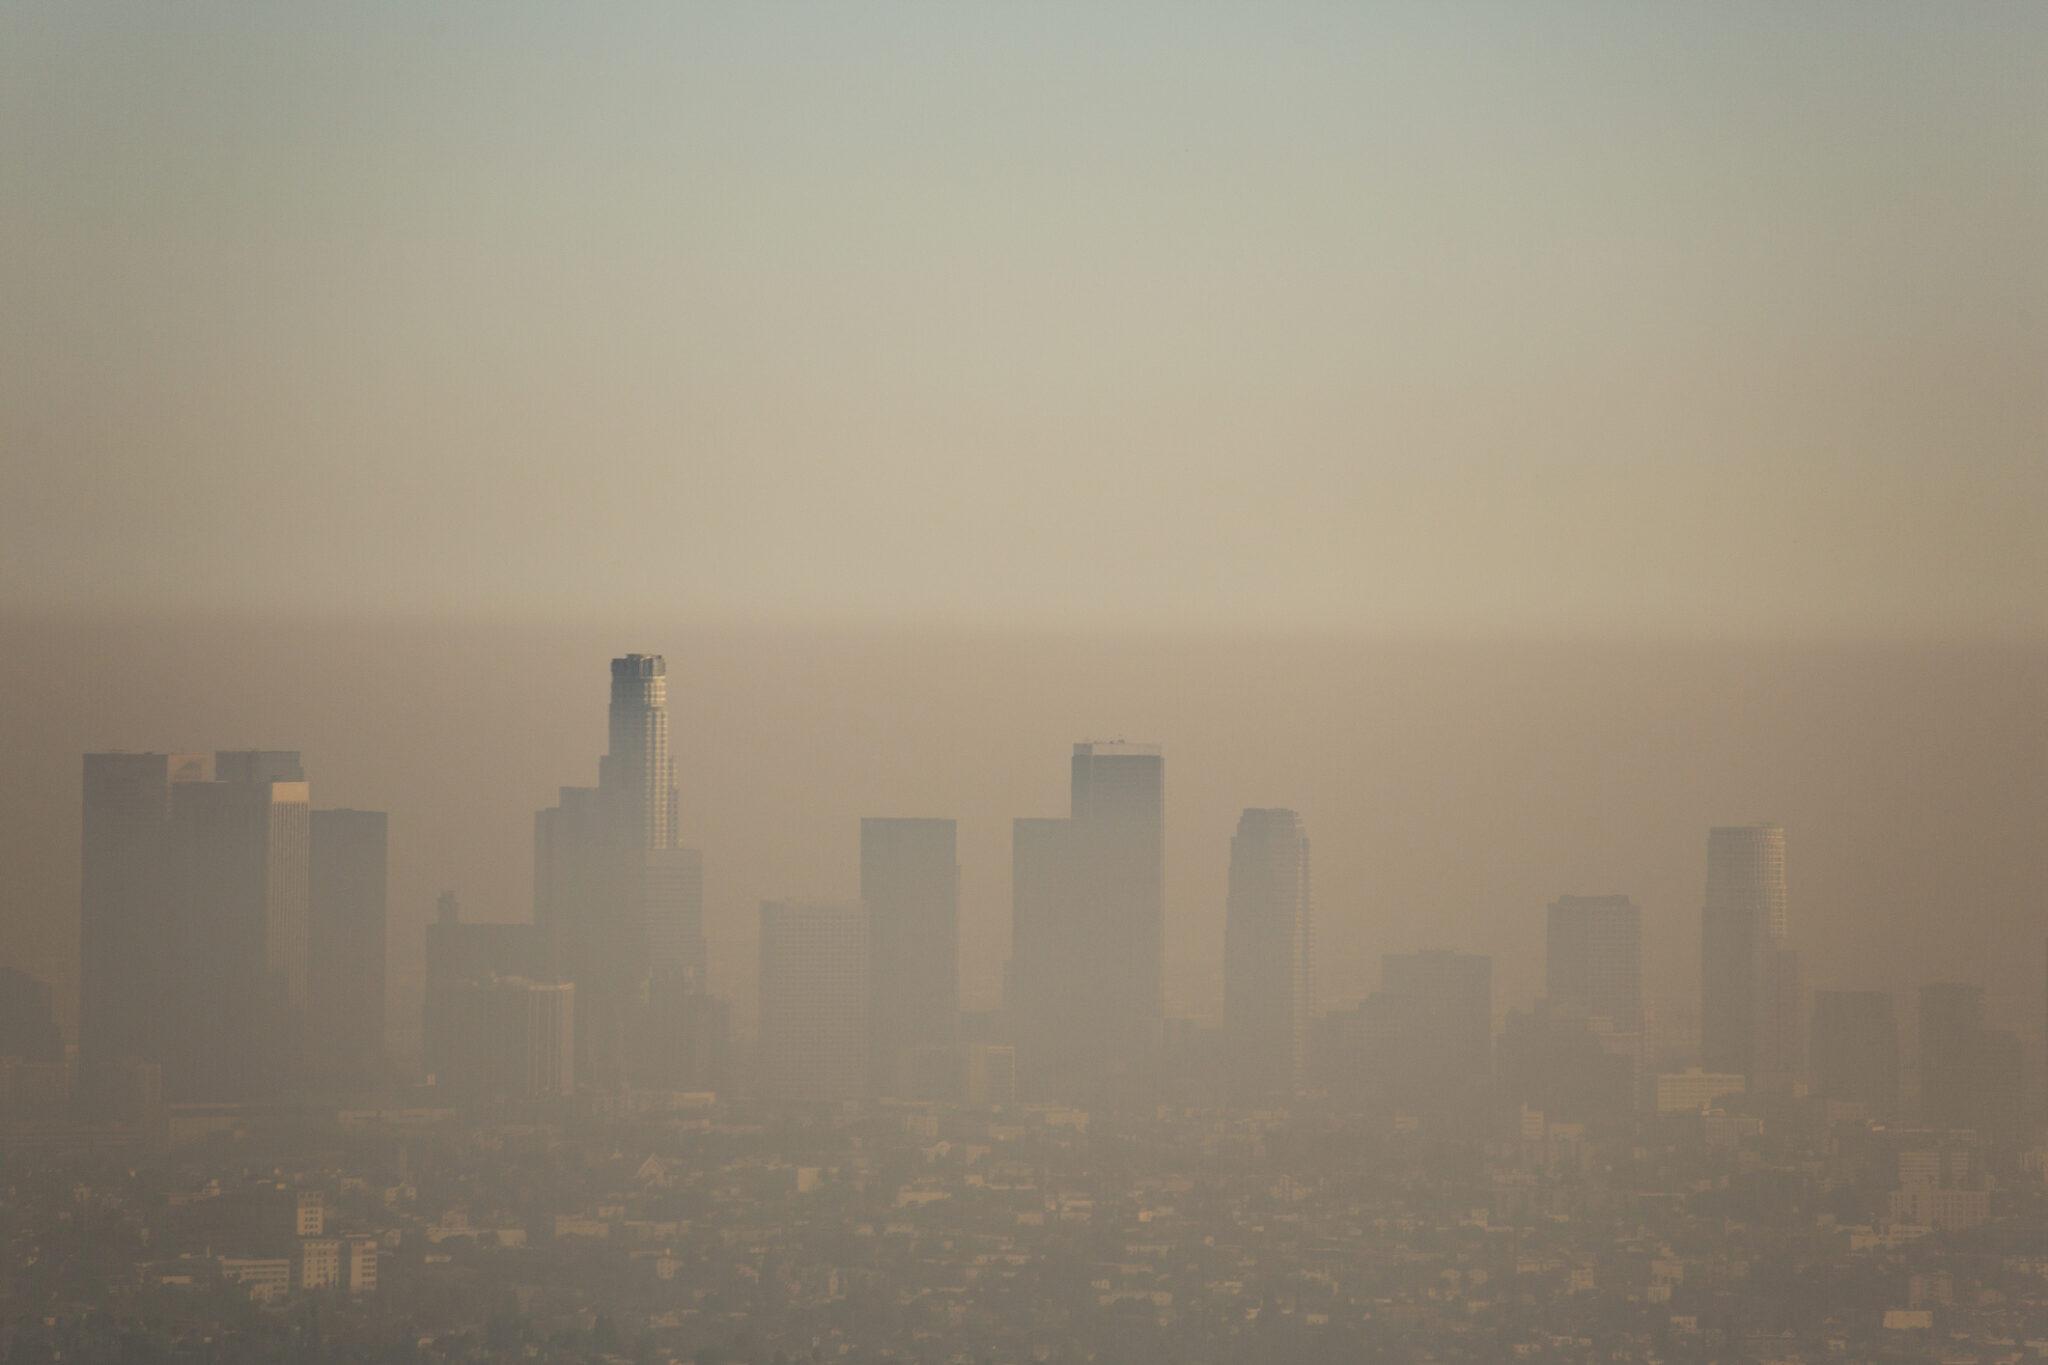 Los Angeles umgeben von Smog.